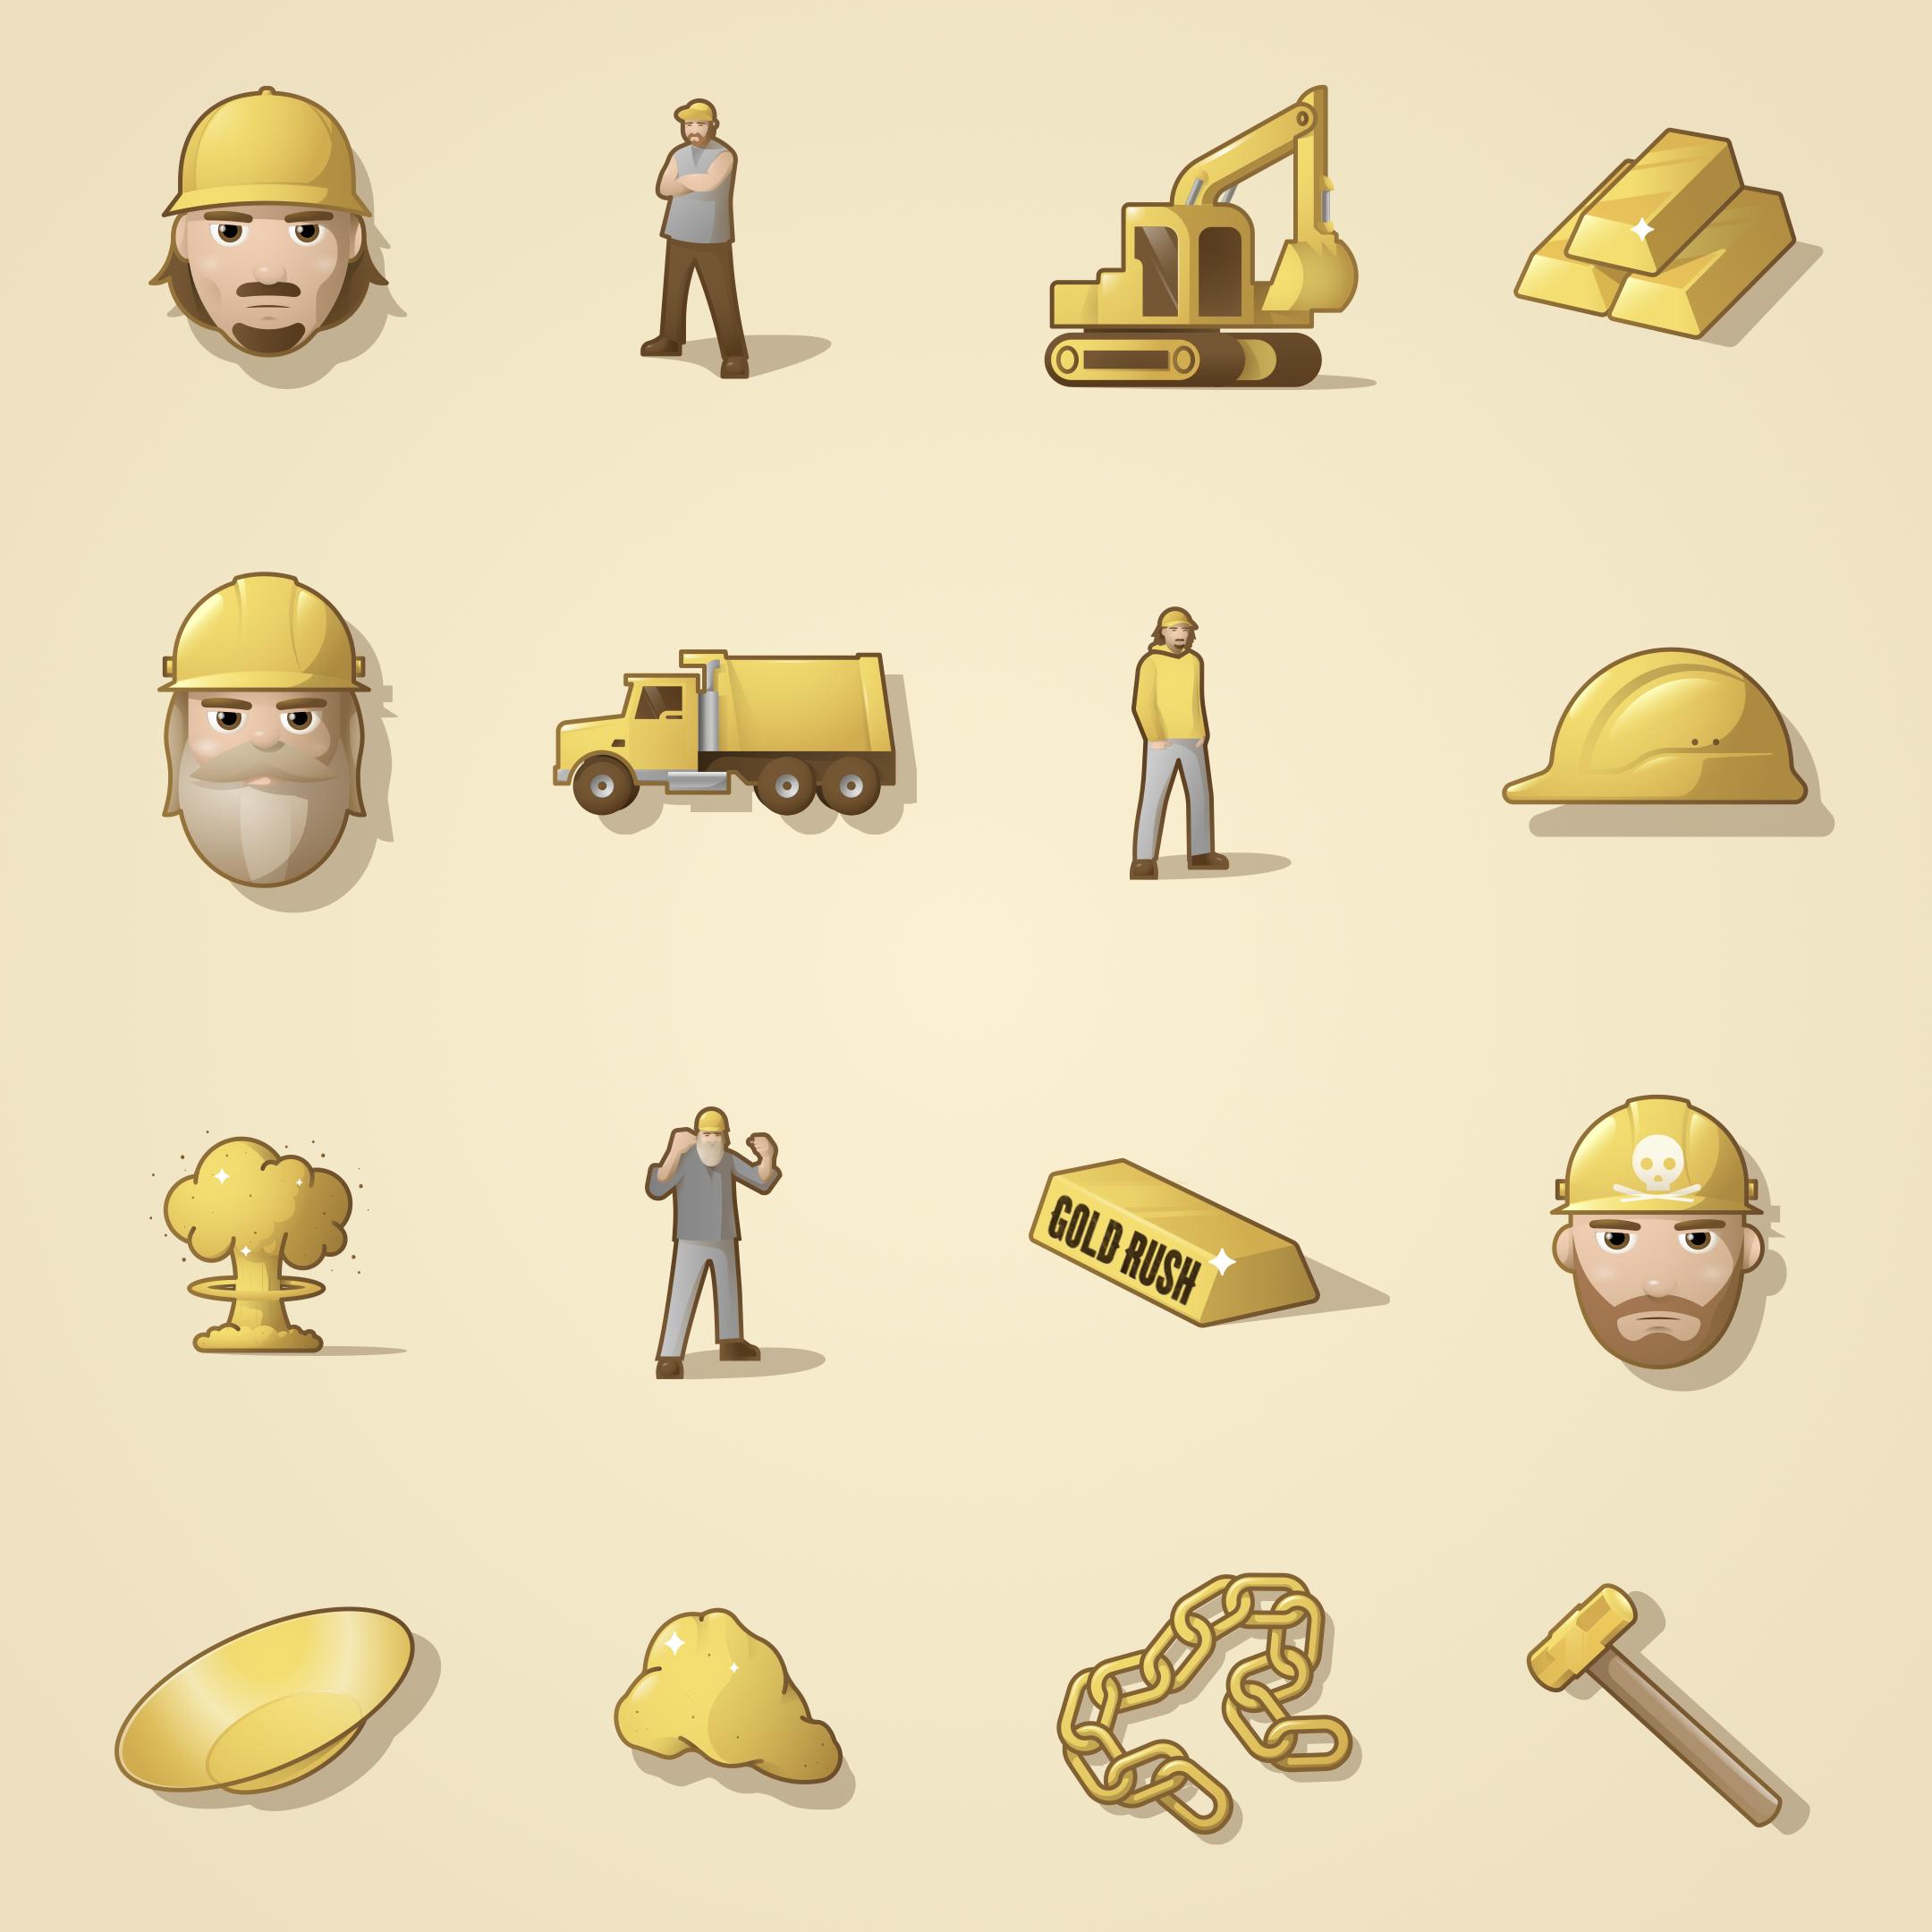 gr_emojis.jpg